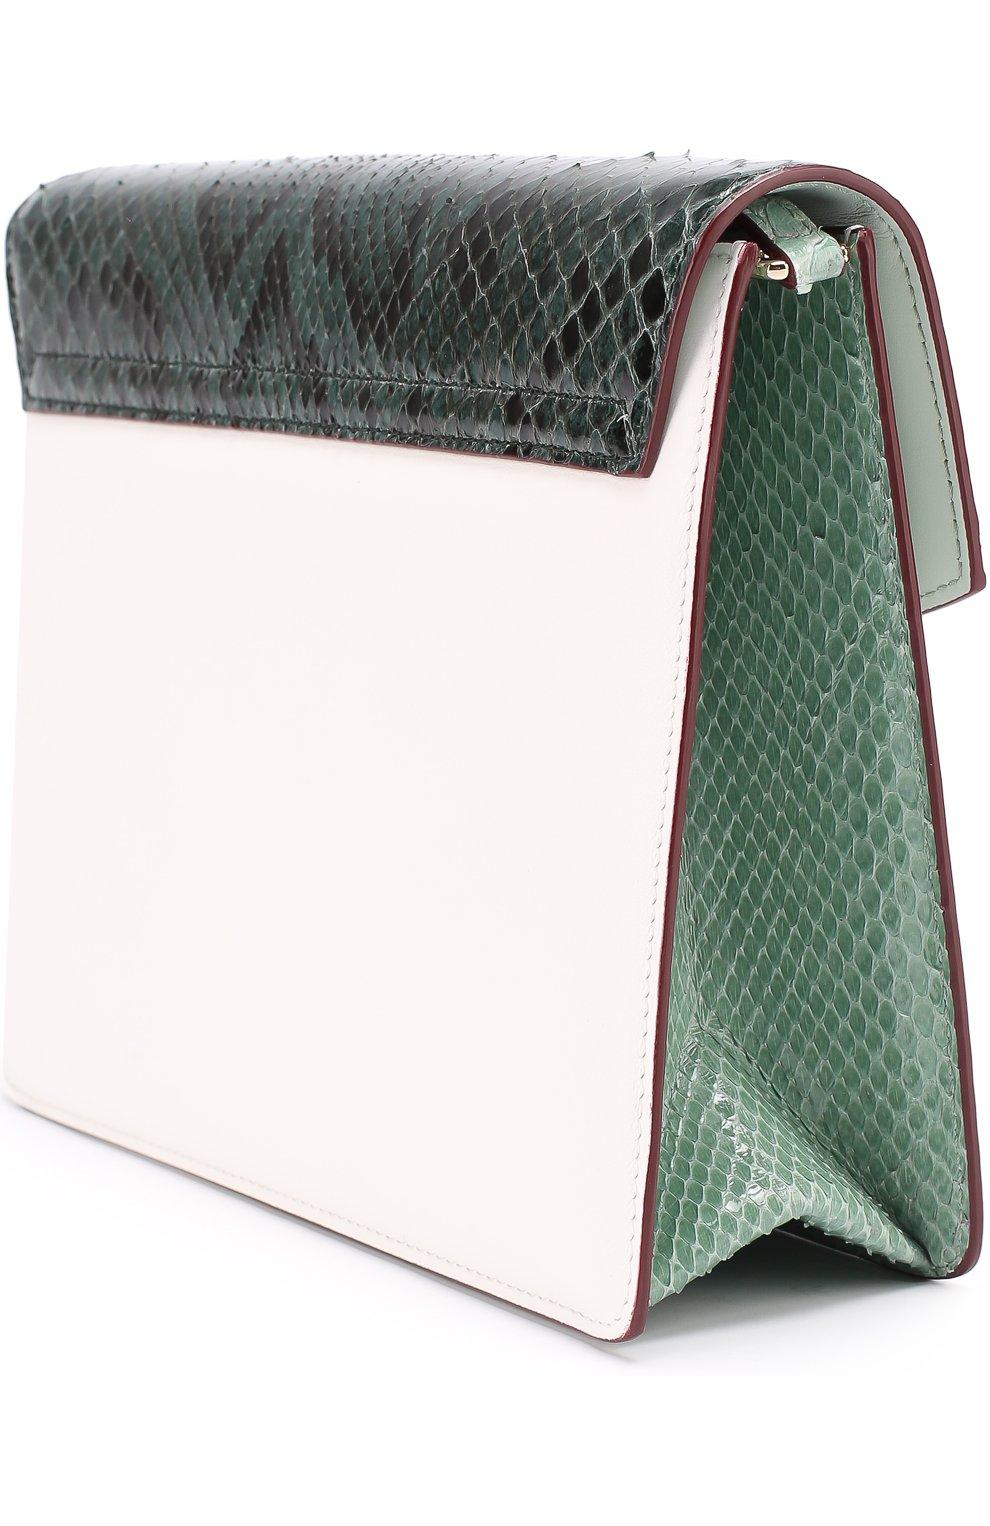 Сумка Lucia с отделкой из кожи питона и каймана Dolce & Gabbana зеленая цвета | Фото №3